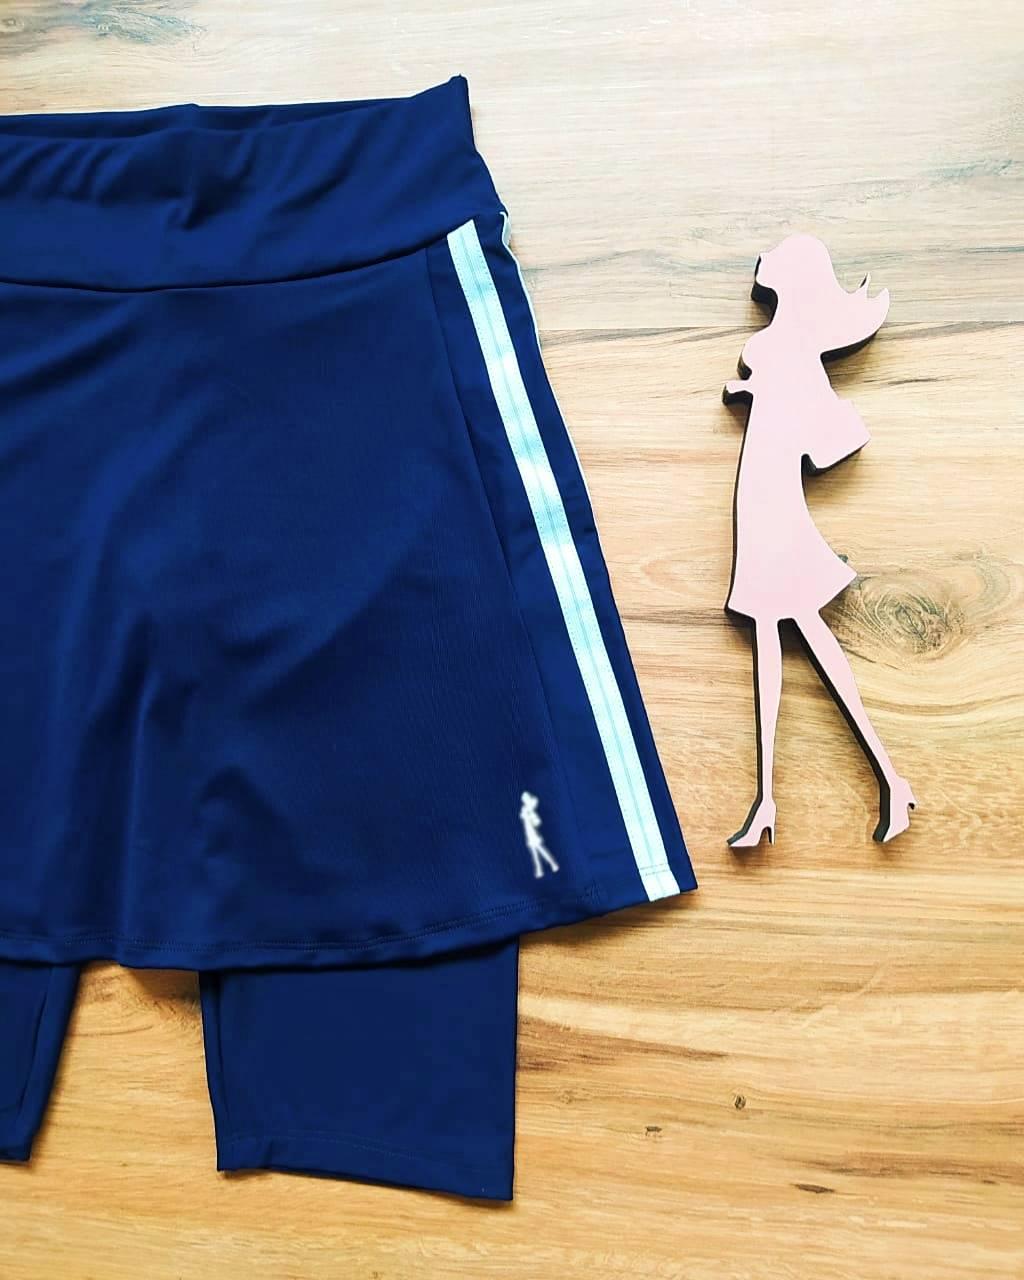 Saia Bermuda Faby - Esporte Fitness Saia Bela - SBF005 - Azul Marinho